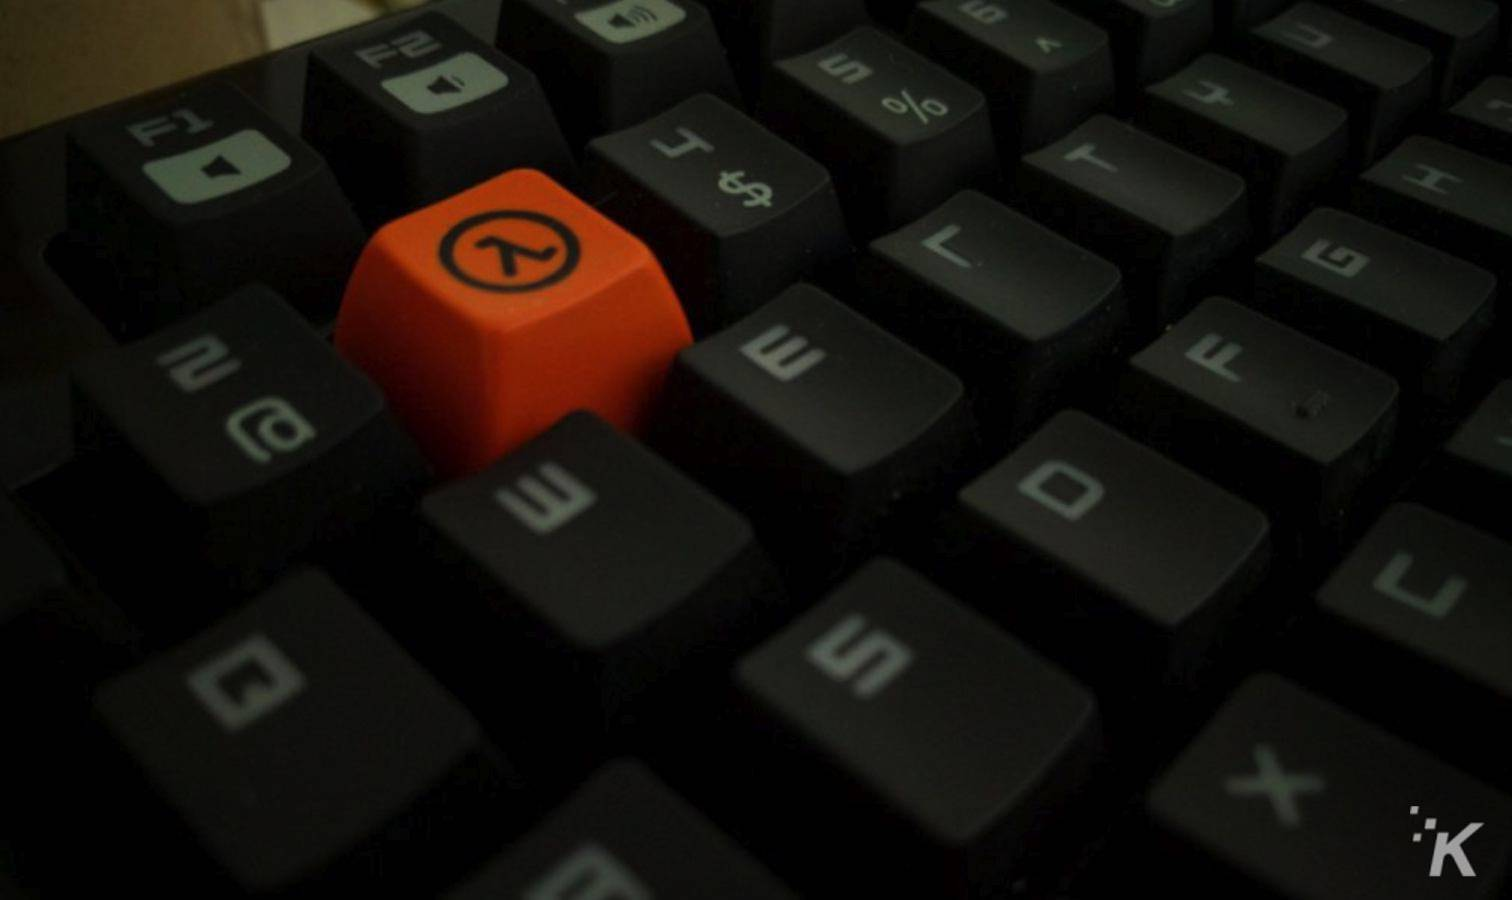 half life 3 keyboard cap on black keyboard